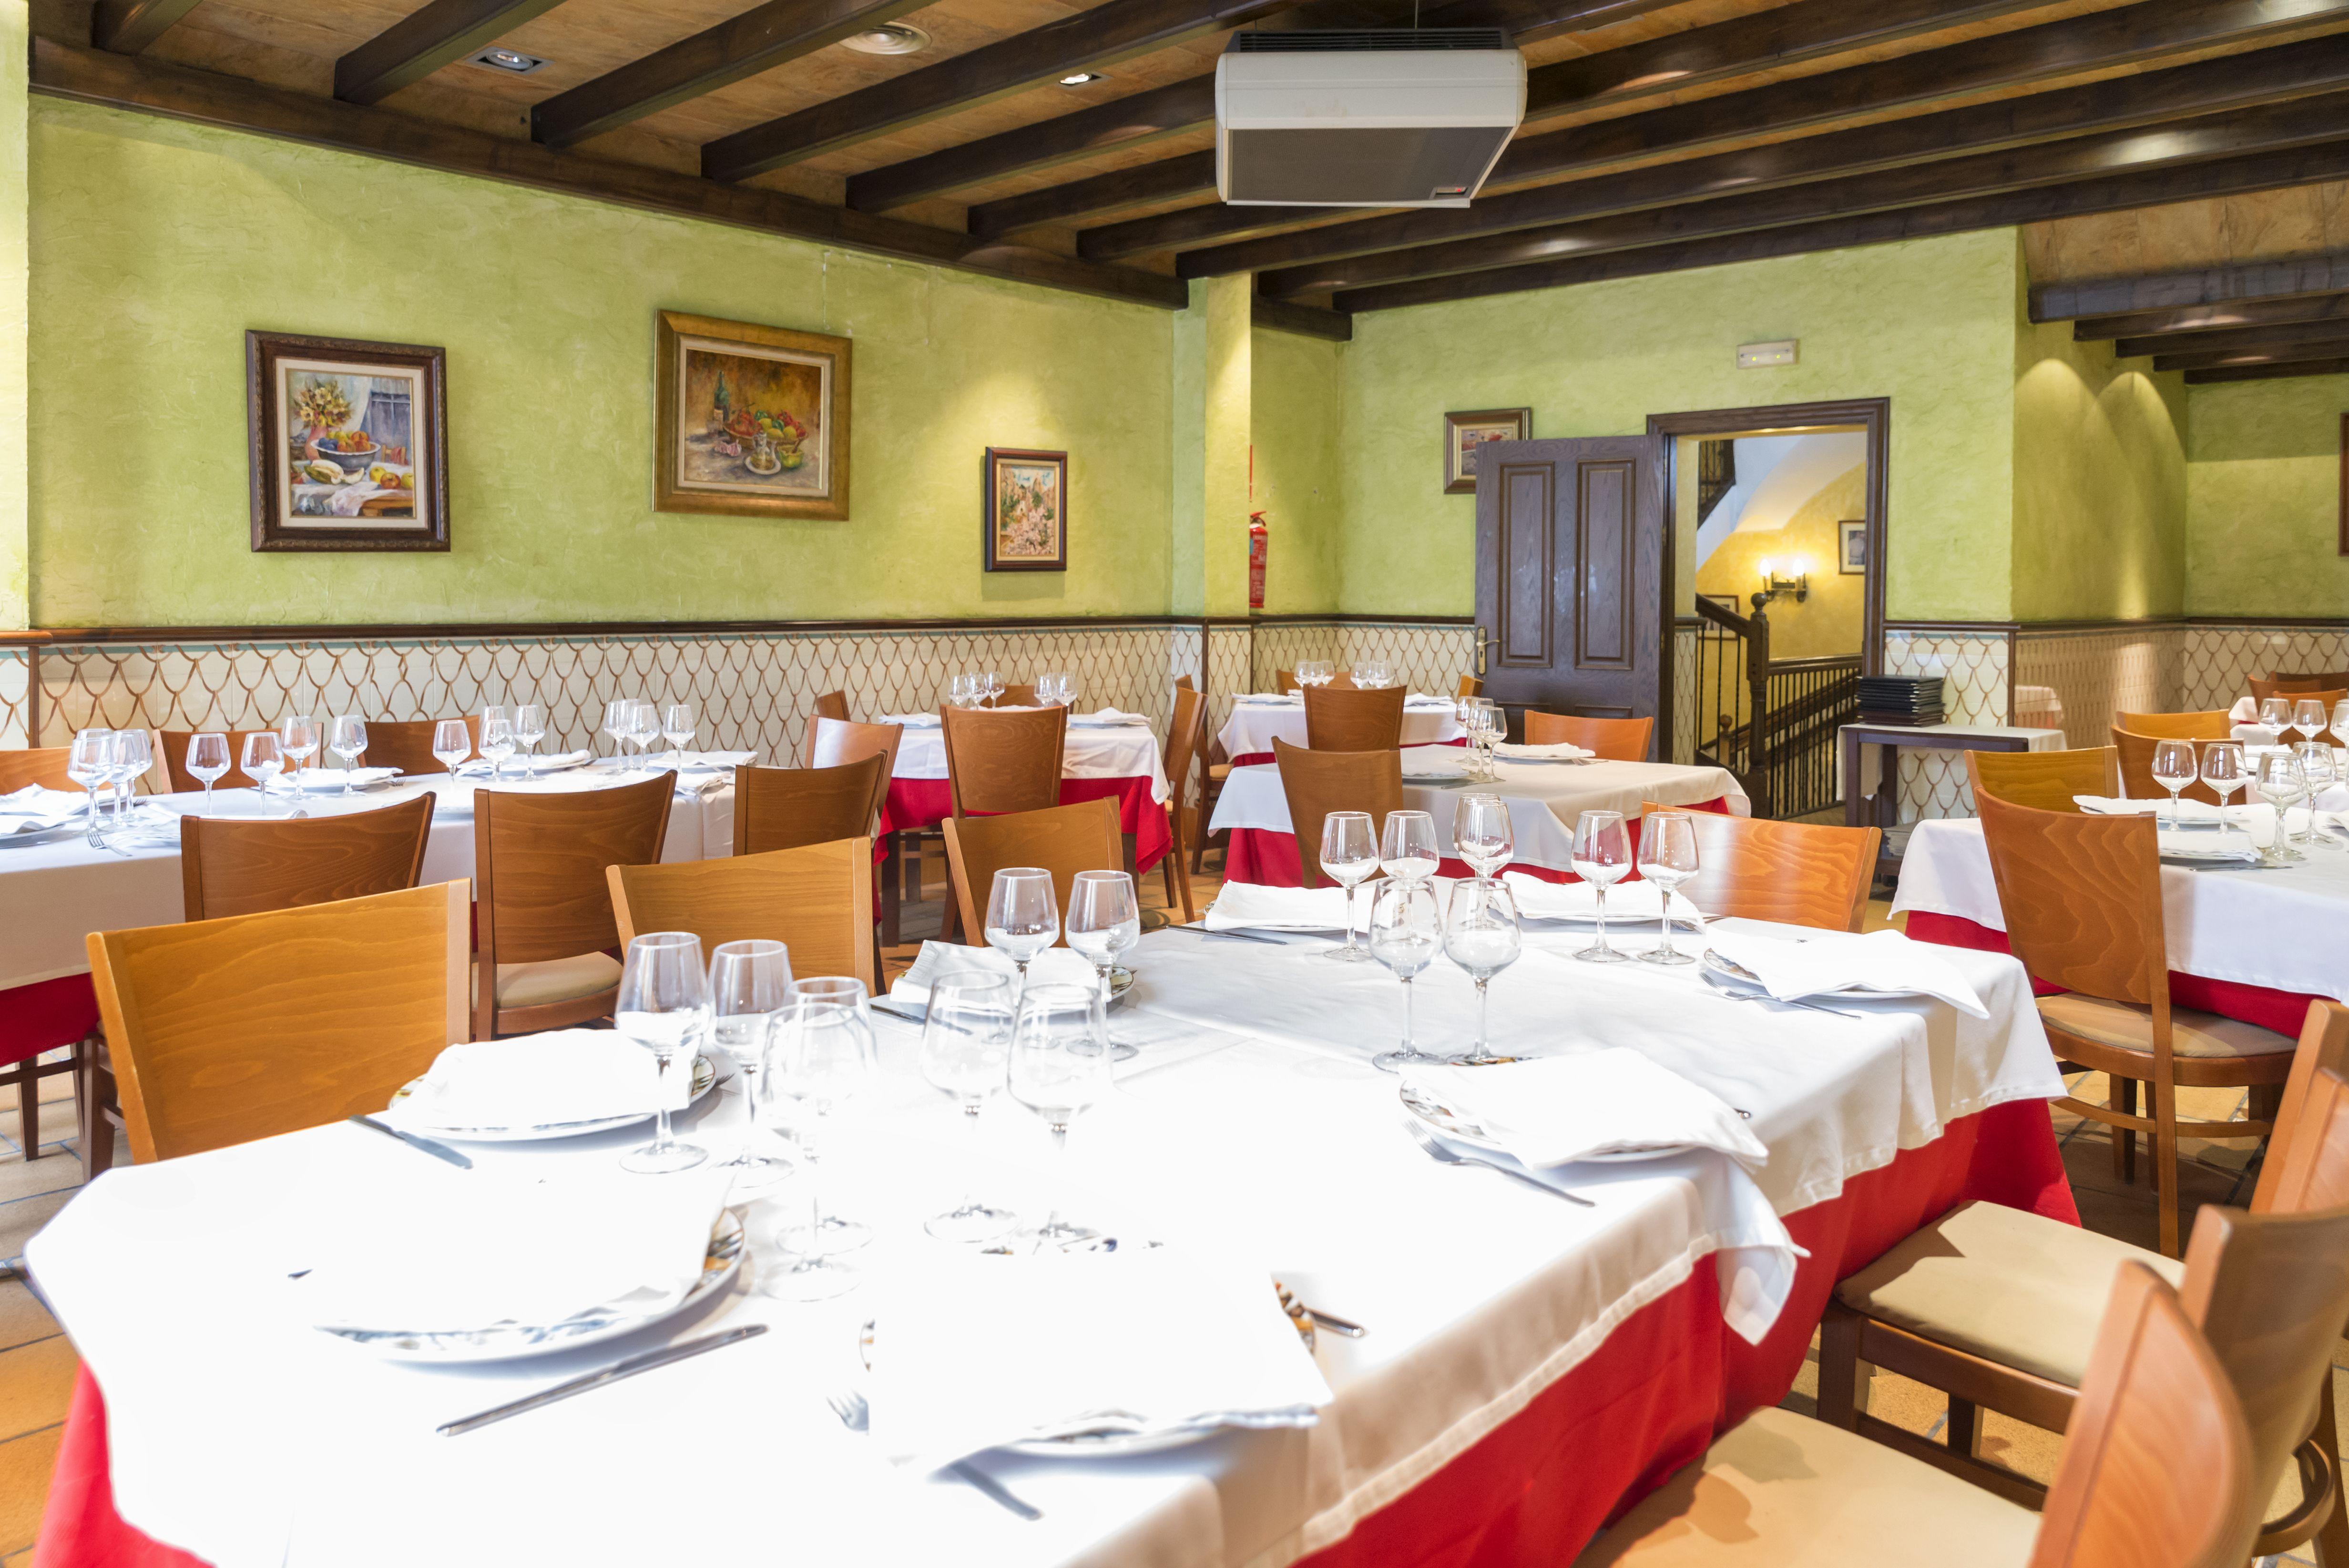 Foto 4 de Cocina mediterránea elaborada con ingredientes siempre frescos en Alicante | La Casona Alicantina